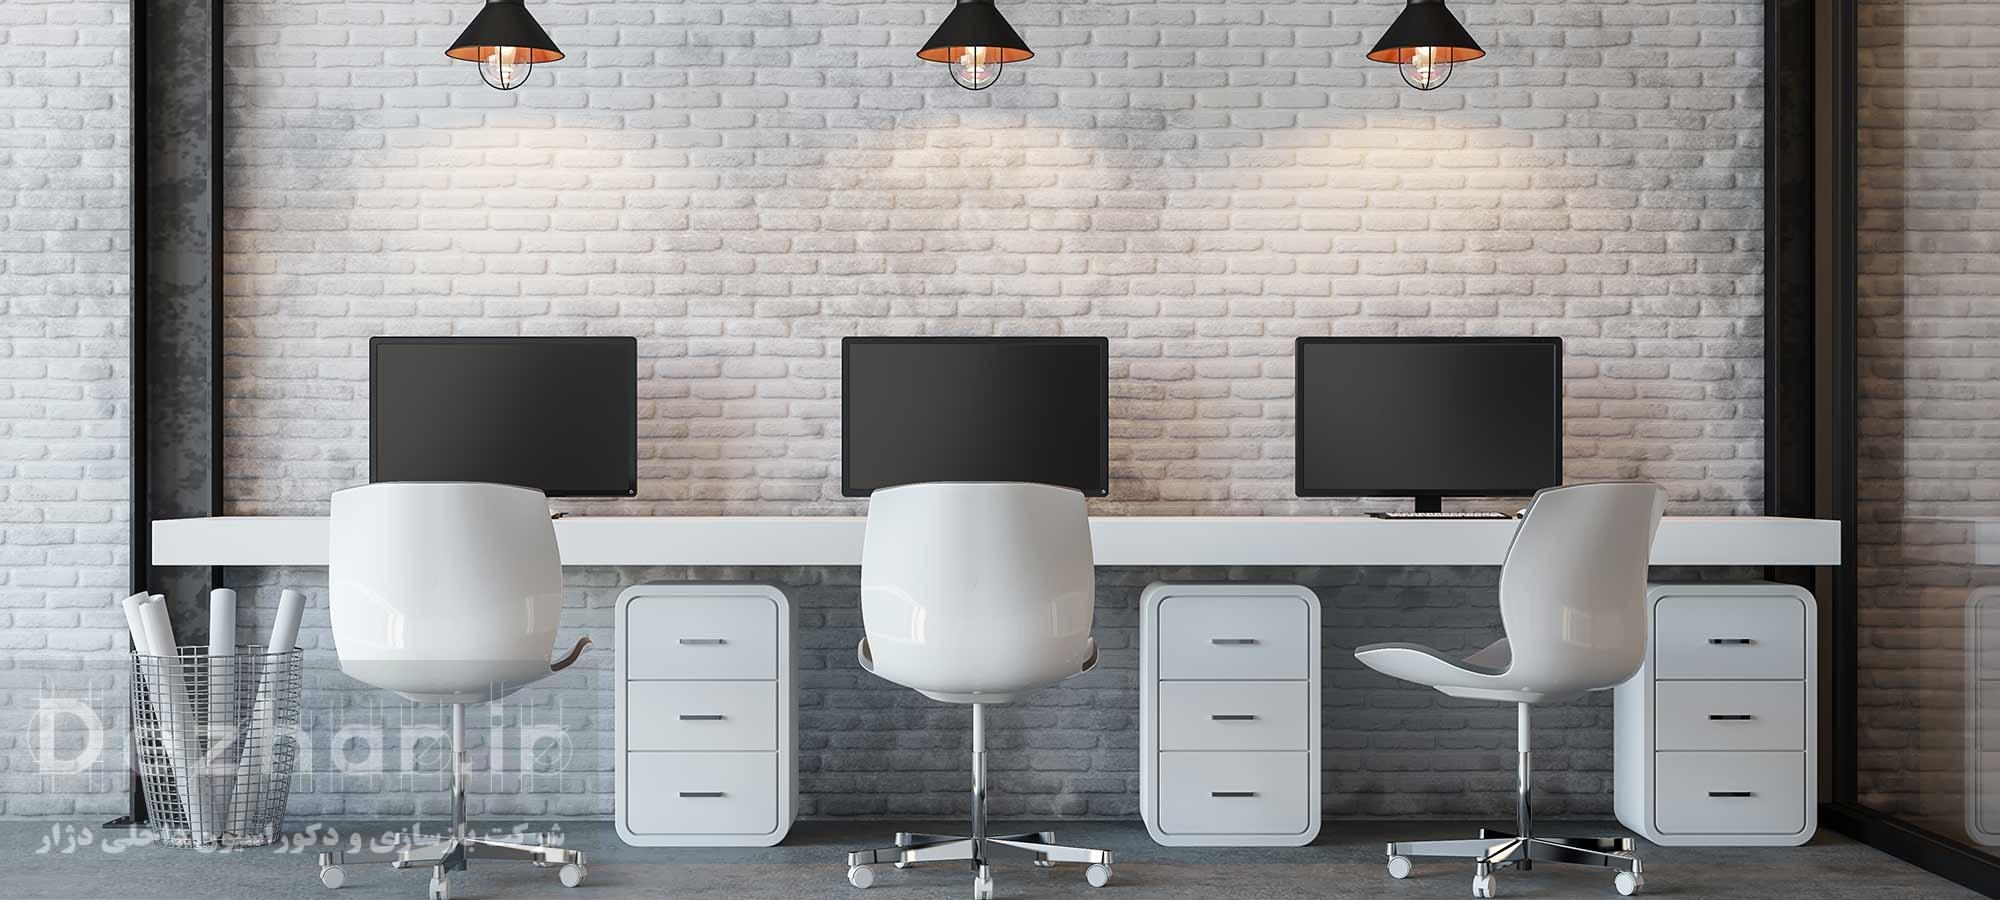 رنگ سفید در بازسازی داخلی دفتر کار